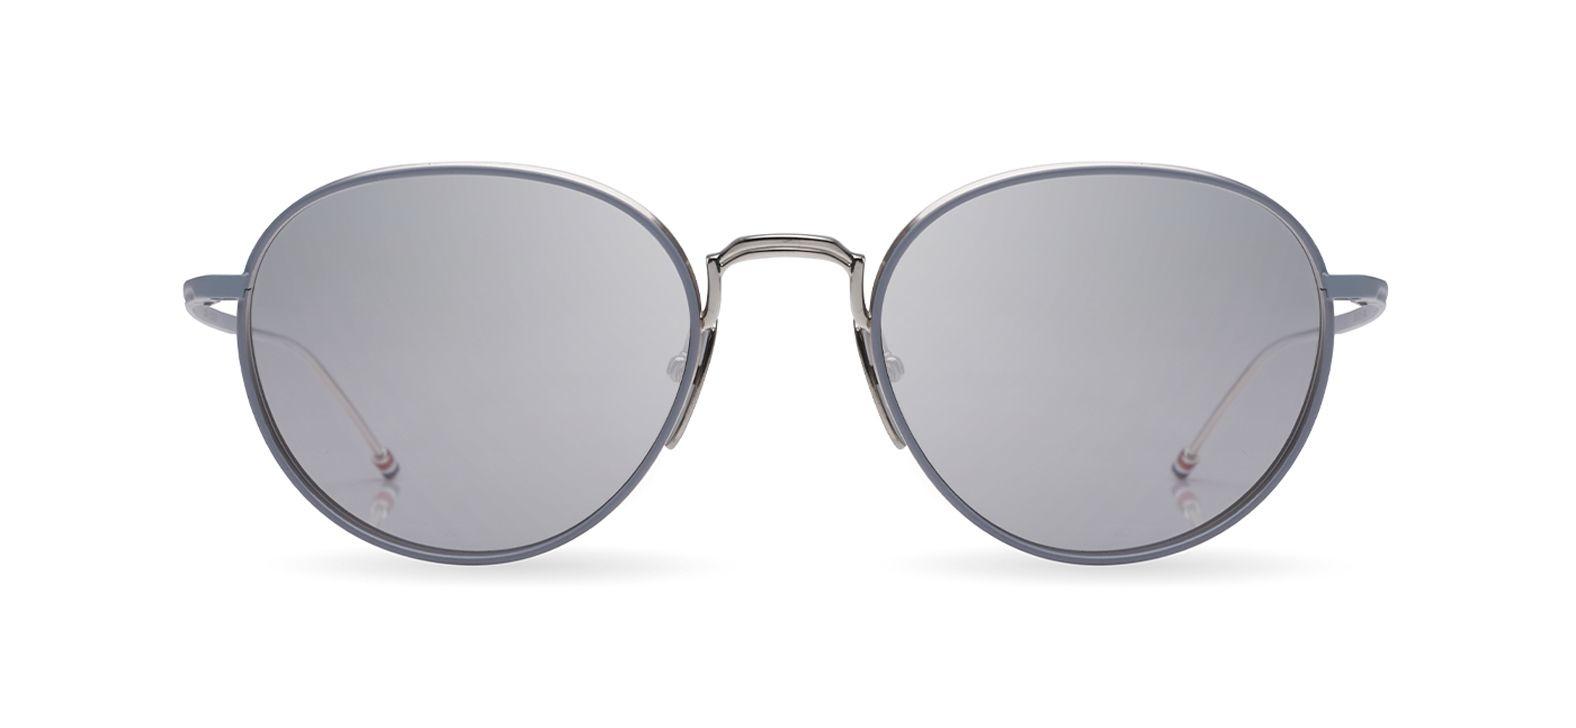 TB-119 A 01 Silver Grey-1